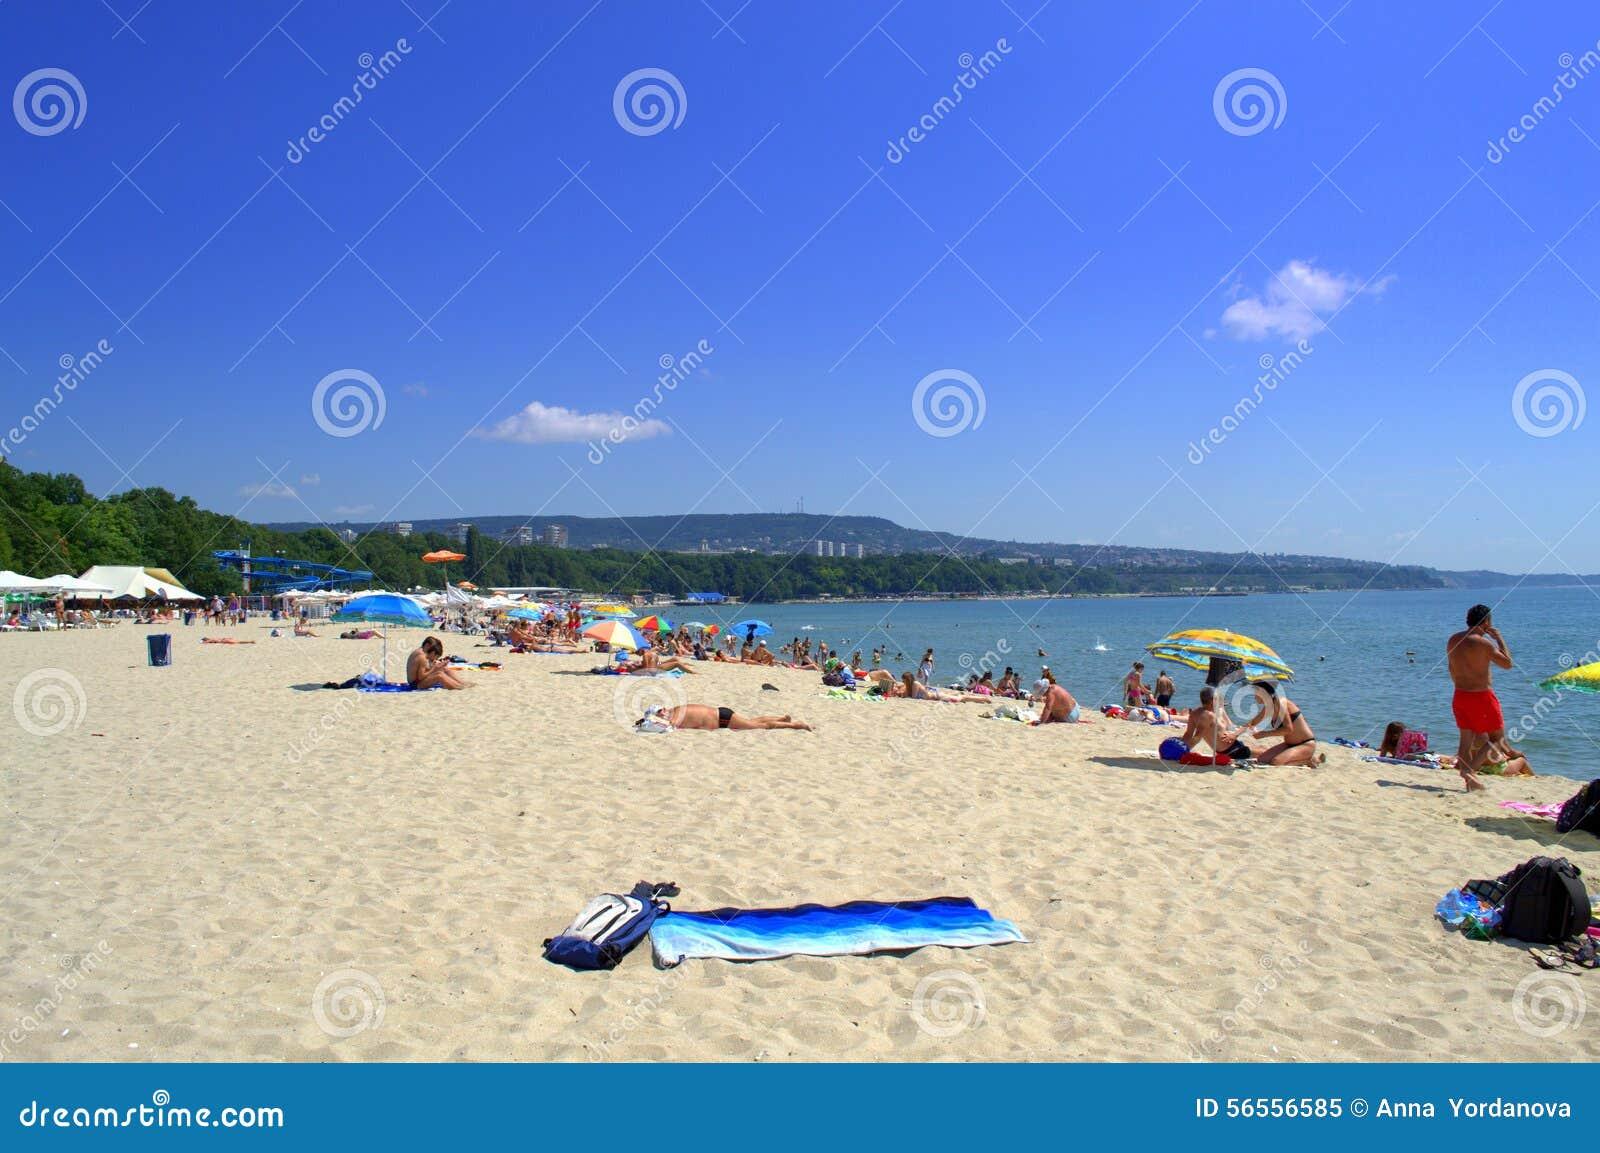 Download Θερινή παραλία, Βάρνα Βουλγαρία Εκδοτική εικόνα - εικόνα από διακοπές, άμμος: 56556585